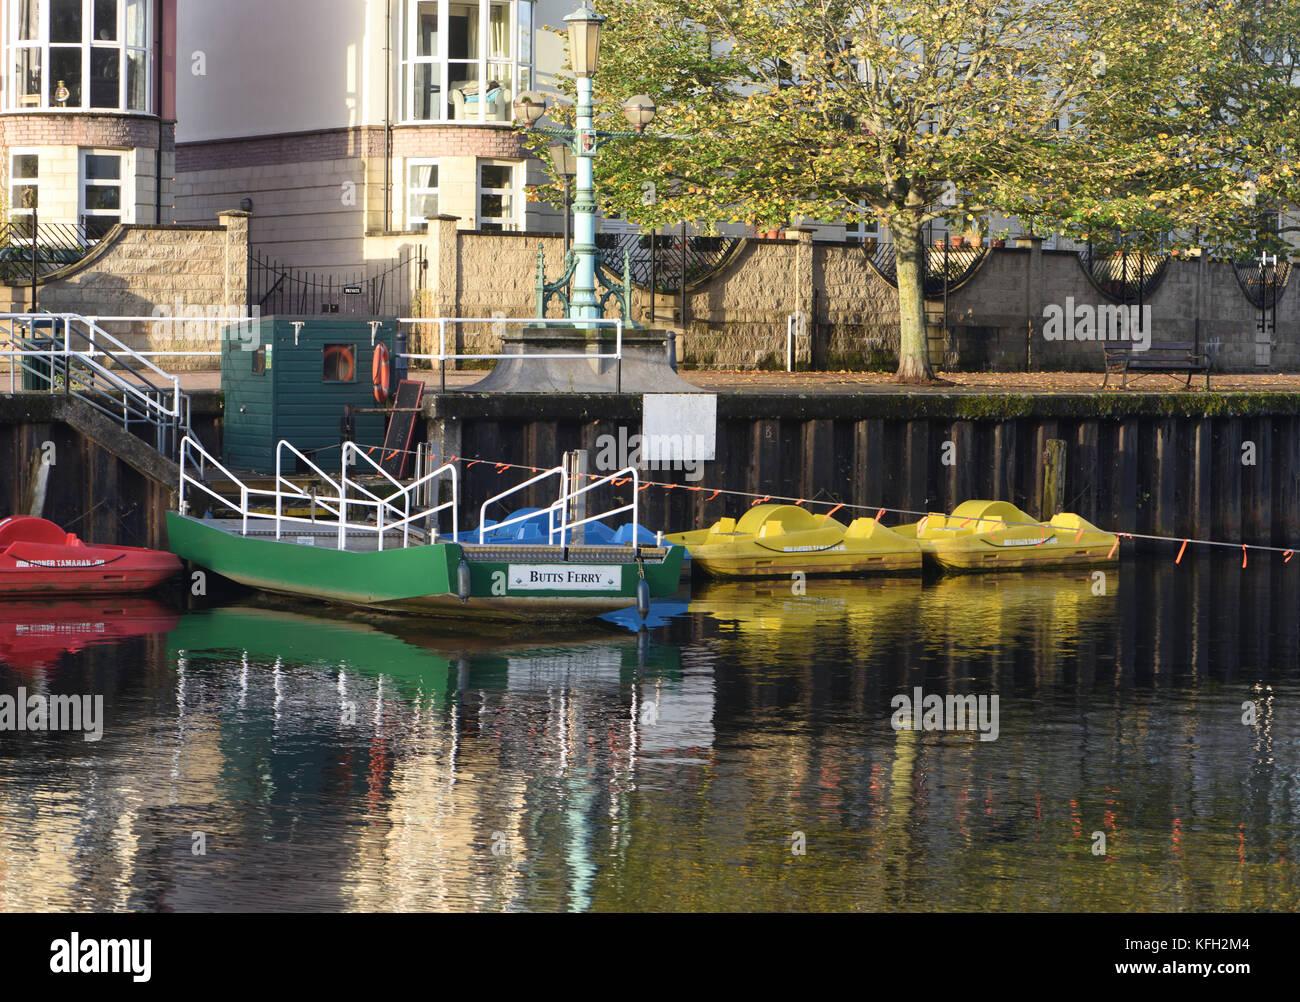 Butts Ferry est commandée manuellement par le transport sur un câble fixe. Il traverse la rivière Exe à quai à Exeter. Exeter, Devon, UK. Banque D'Images